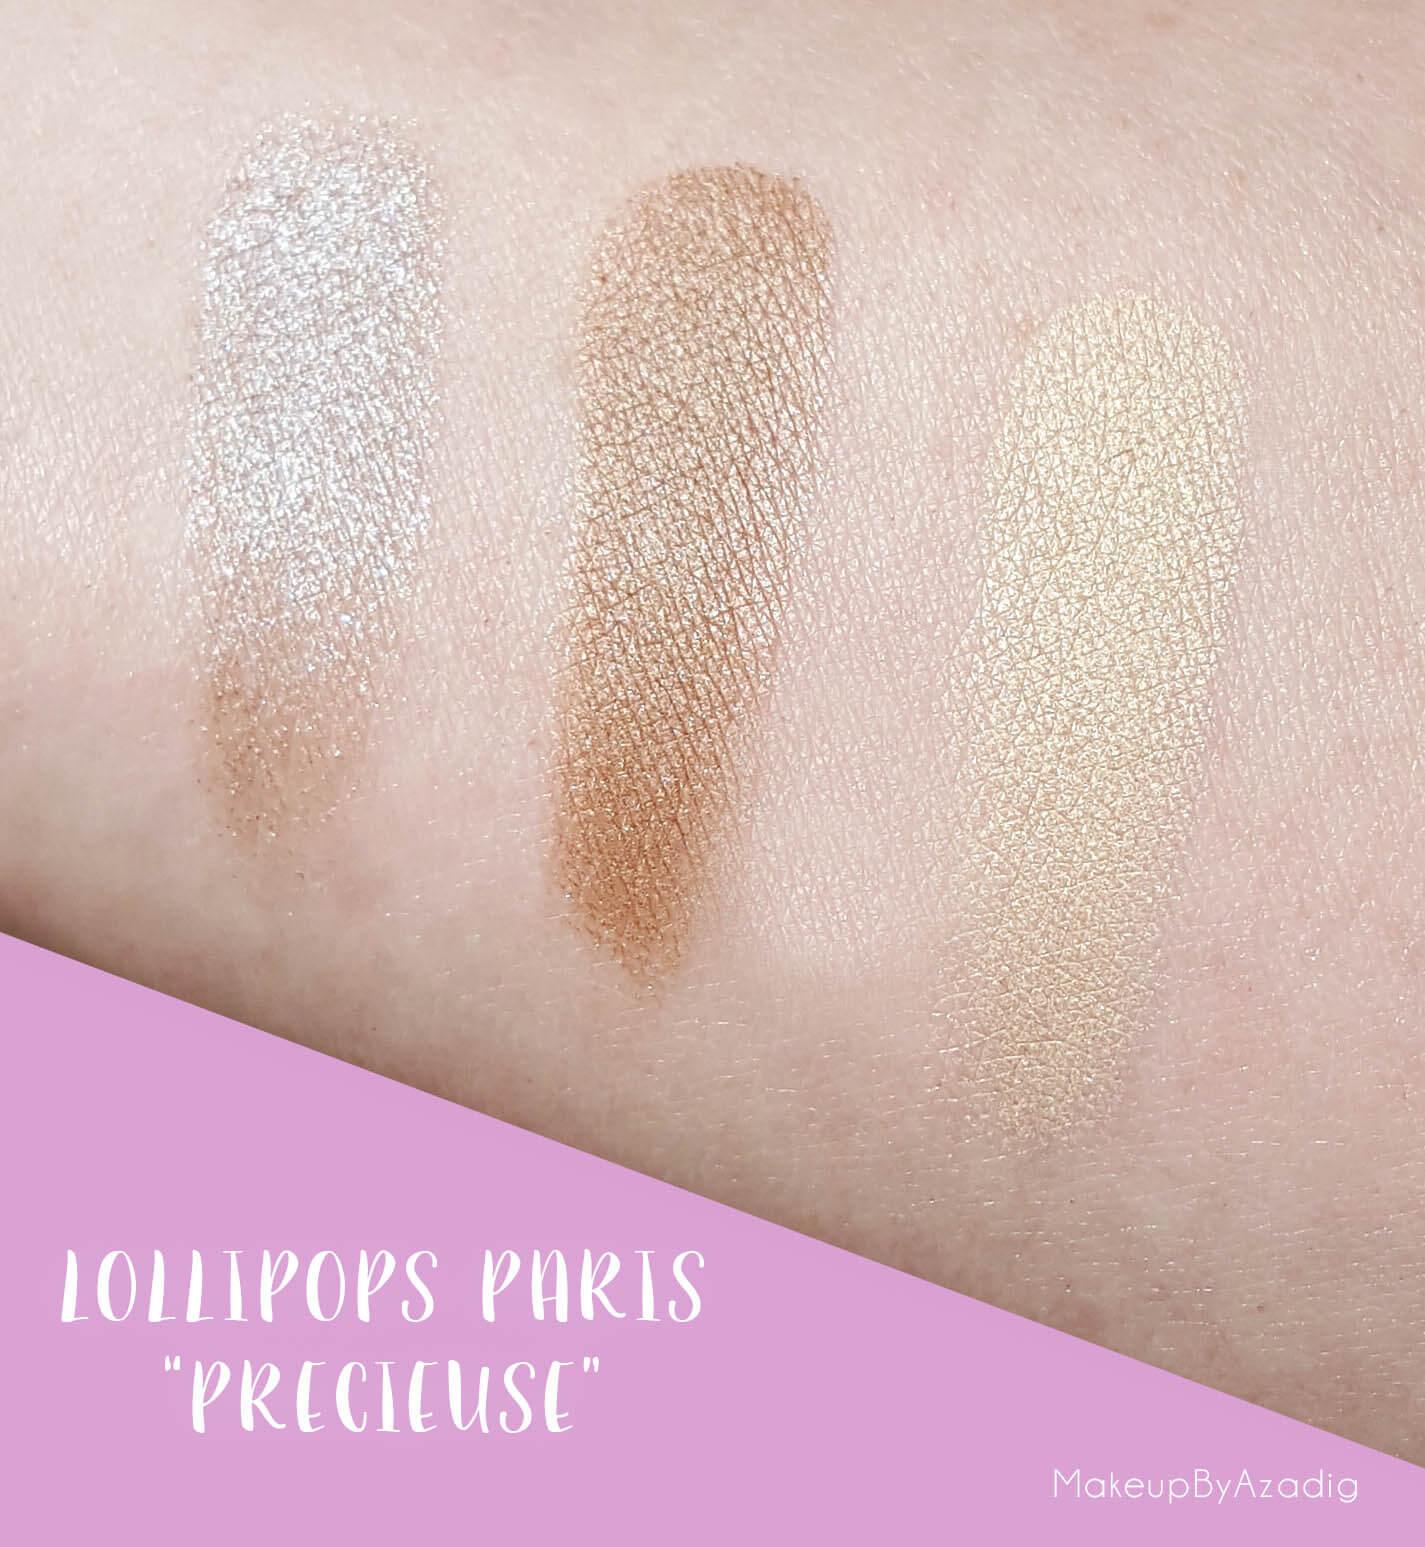 makeupbyazadig-palette-fards-paupieres-lollipops-paris-precieuse-monoprix-sephora-troyes-blog-revue-swatch